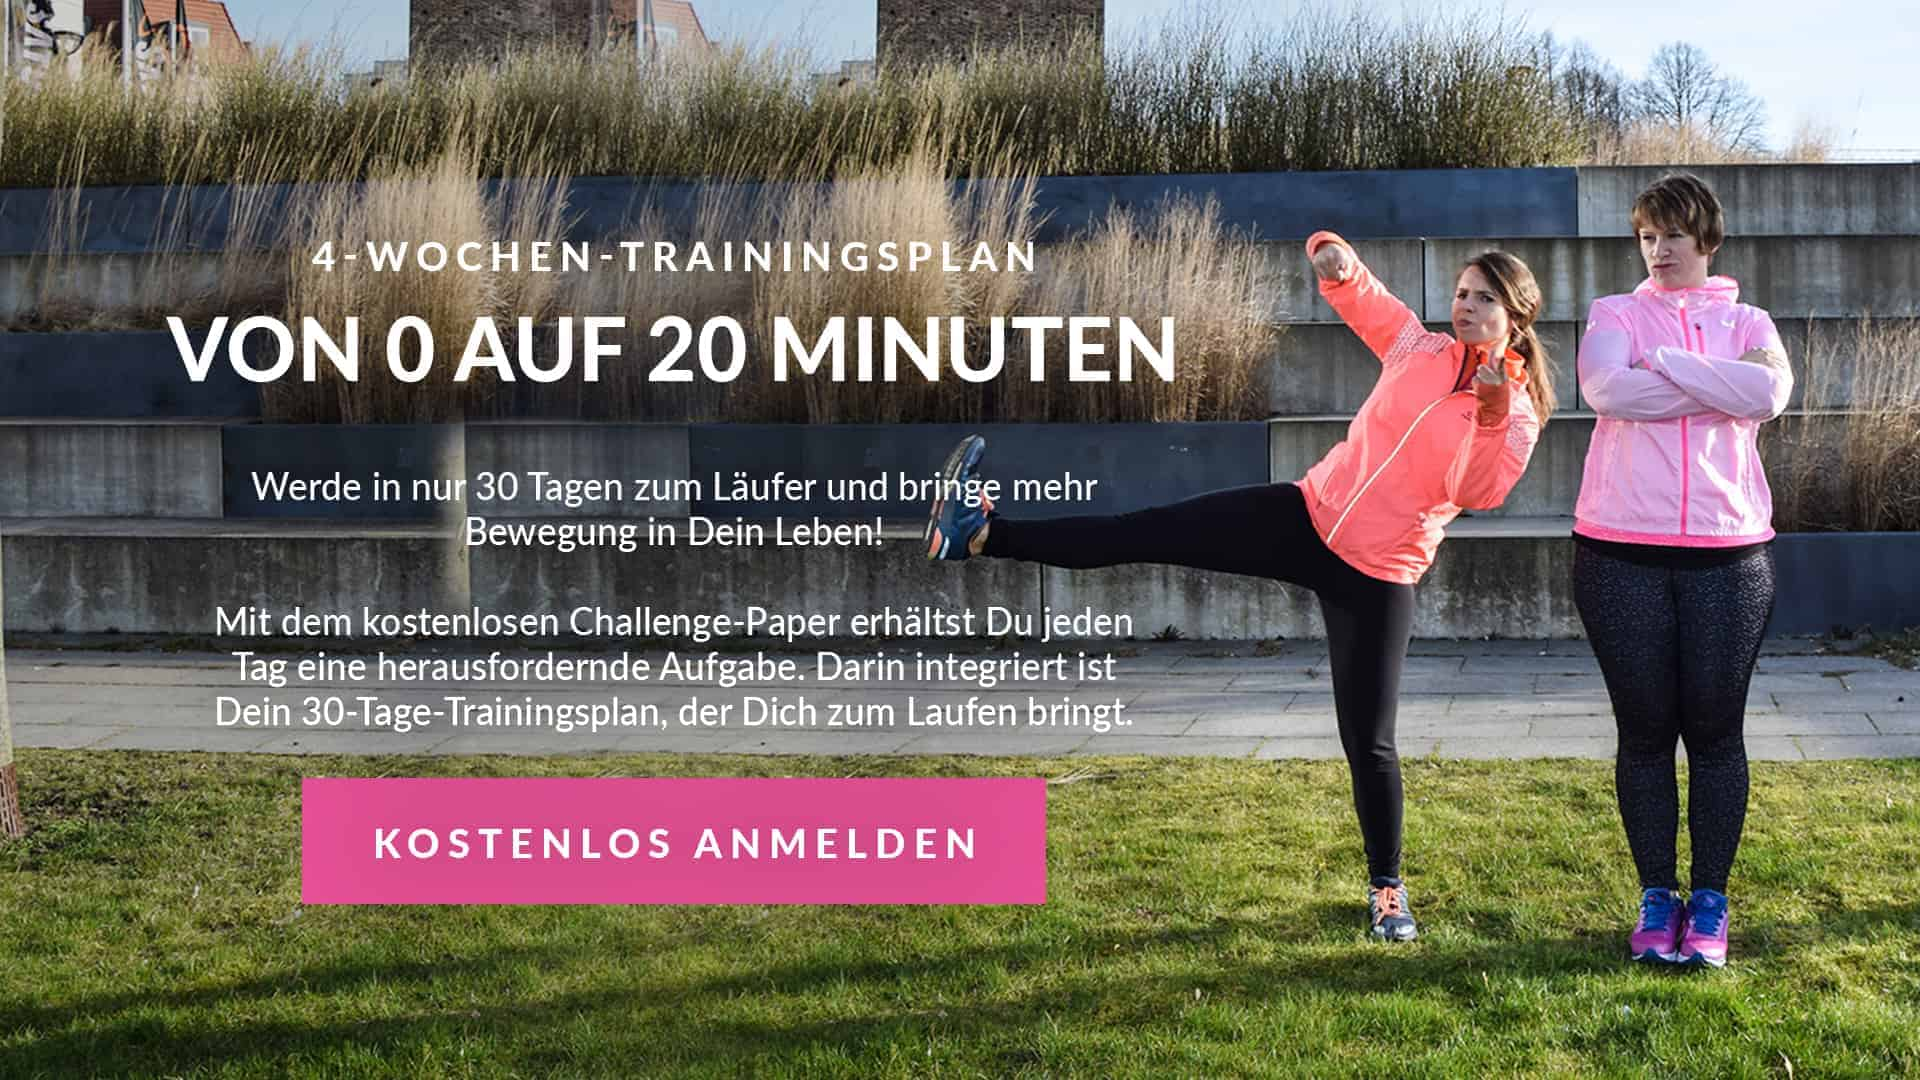 4-Wochen-Trainingsplan für Laufanfänger